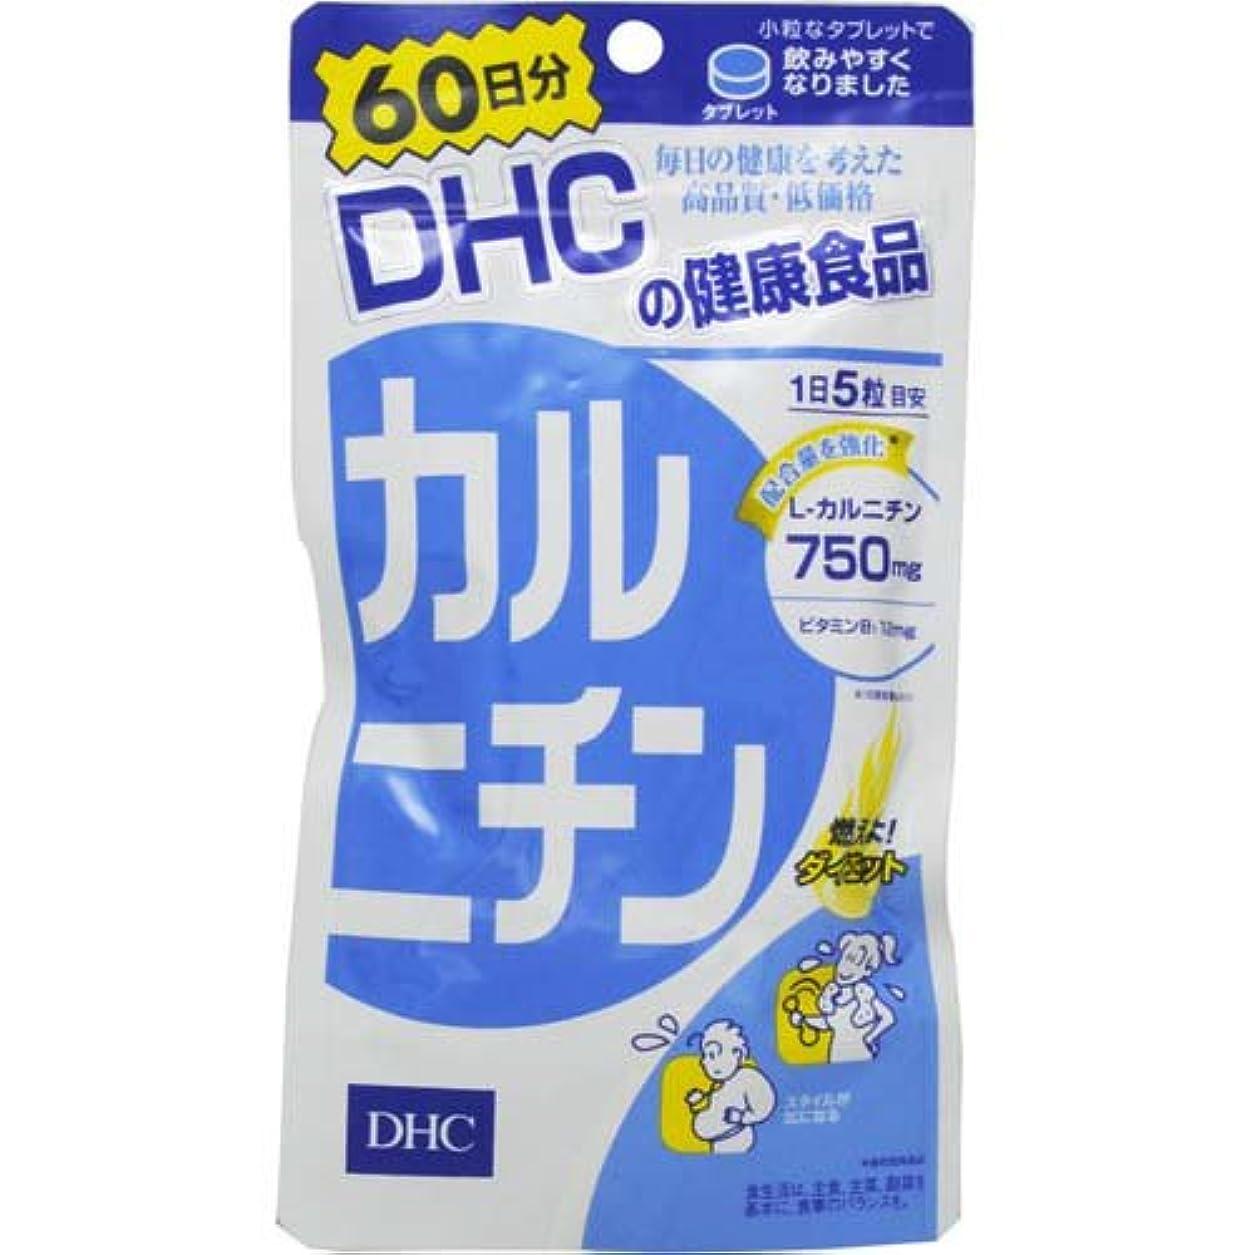 シネウィ十一クリップDHC カルニチン 60日分 300粒